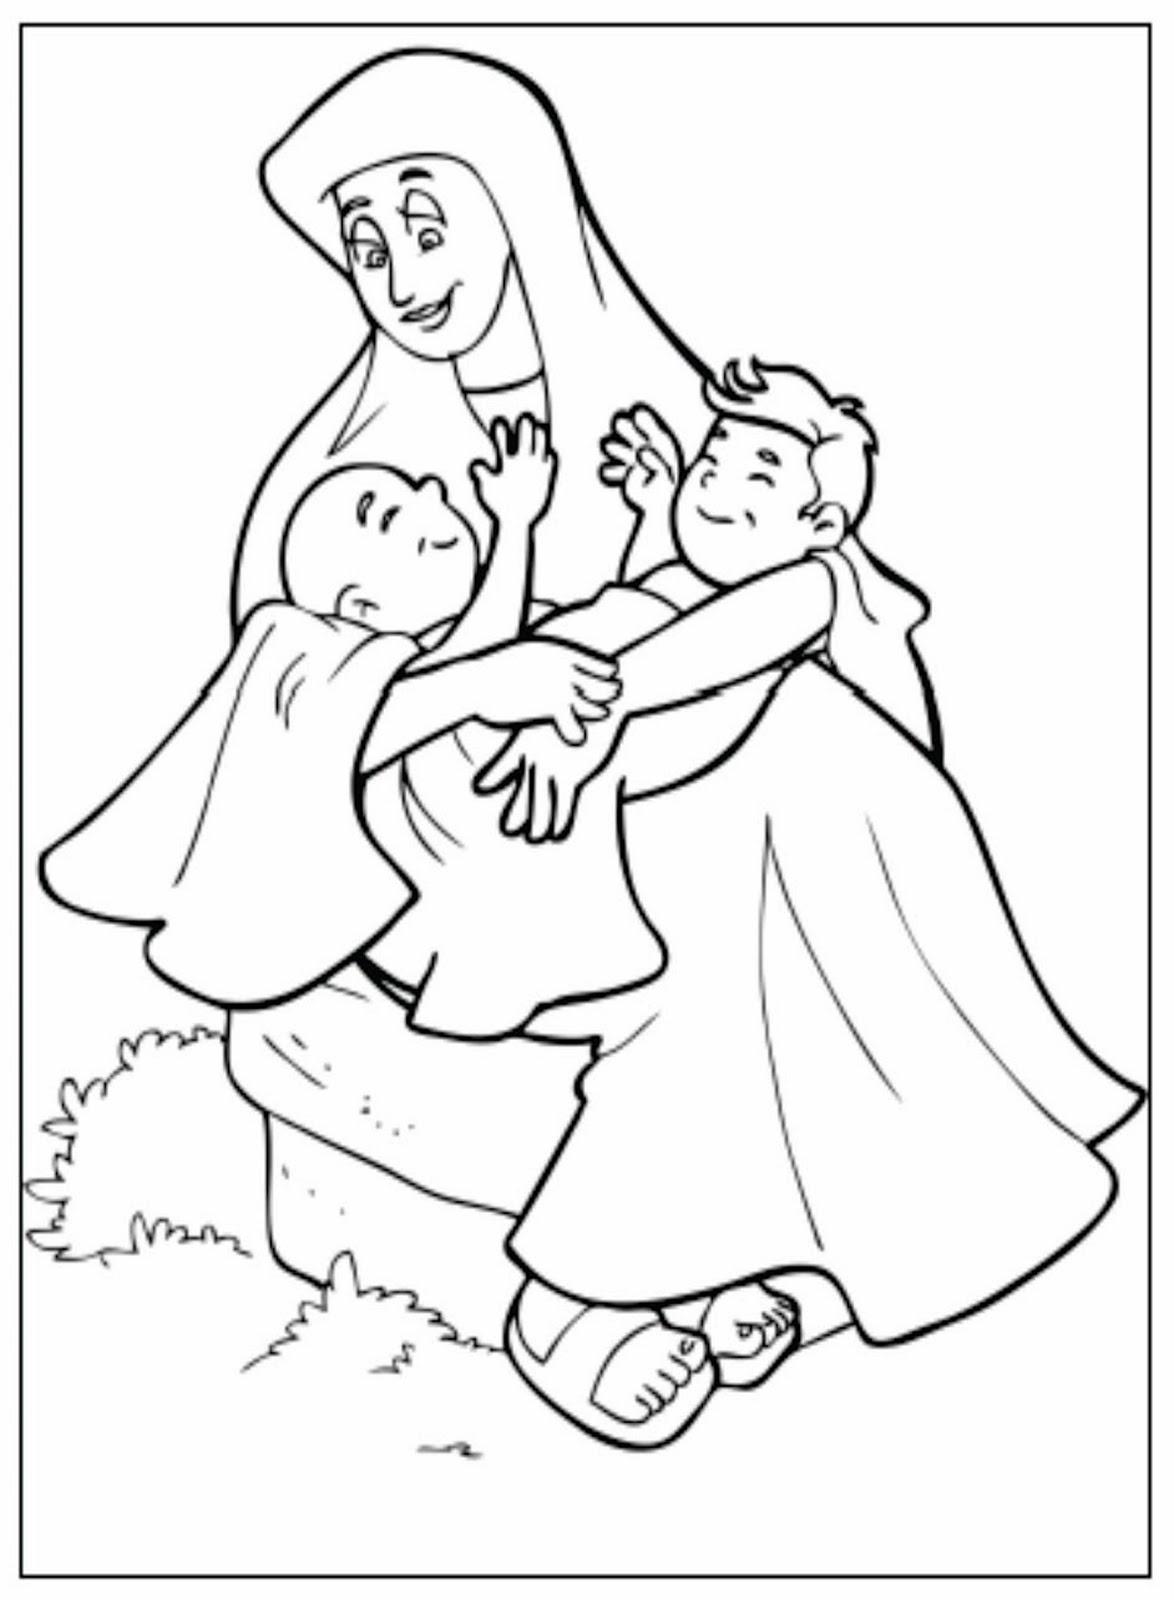 y coloring pages - imagenes cristianas para colorear dibujos para colorear